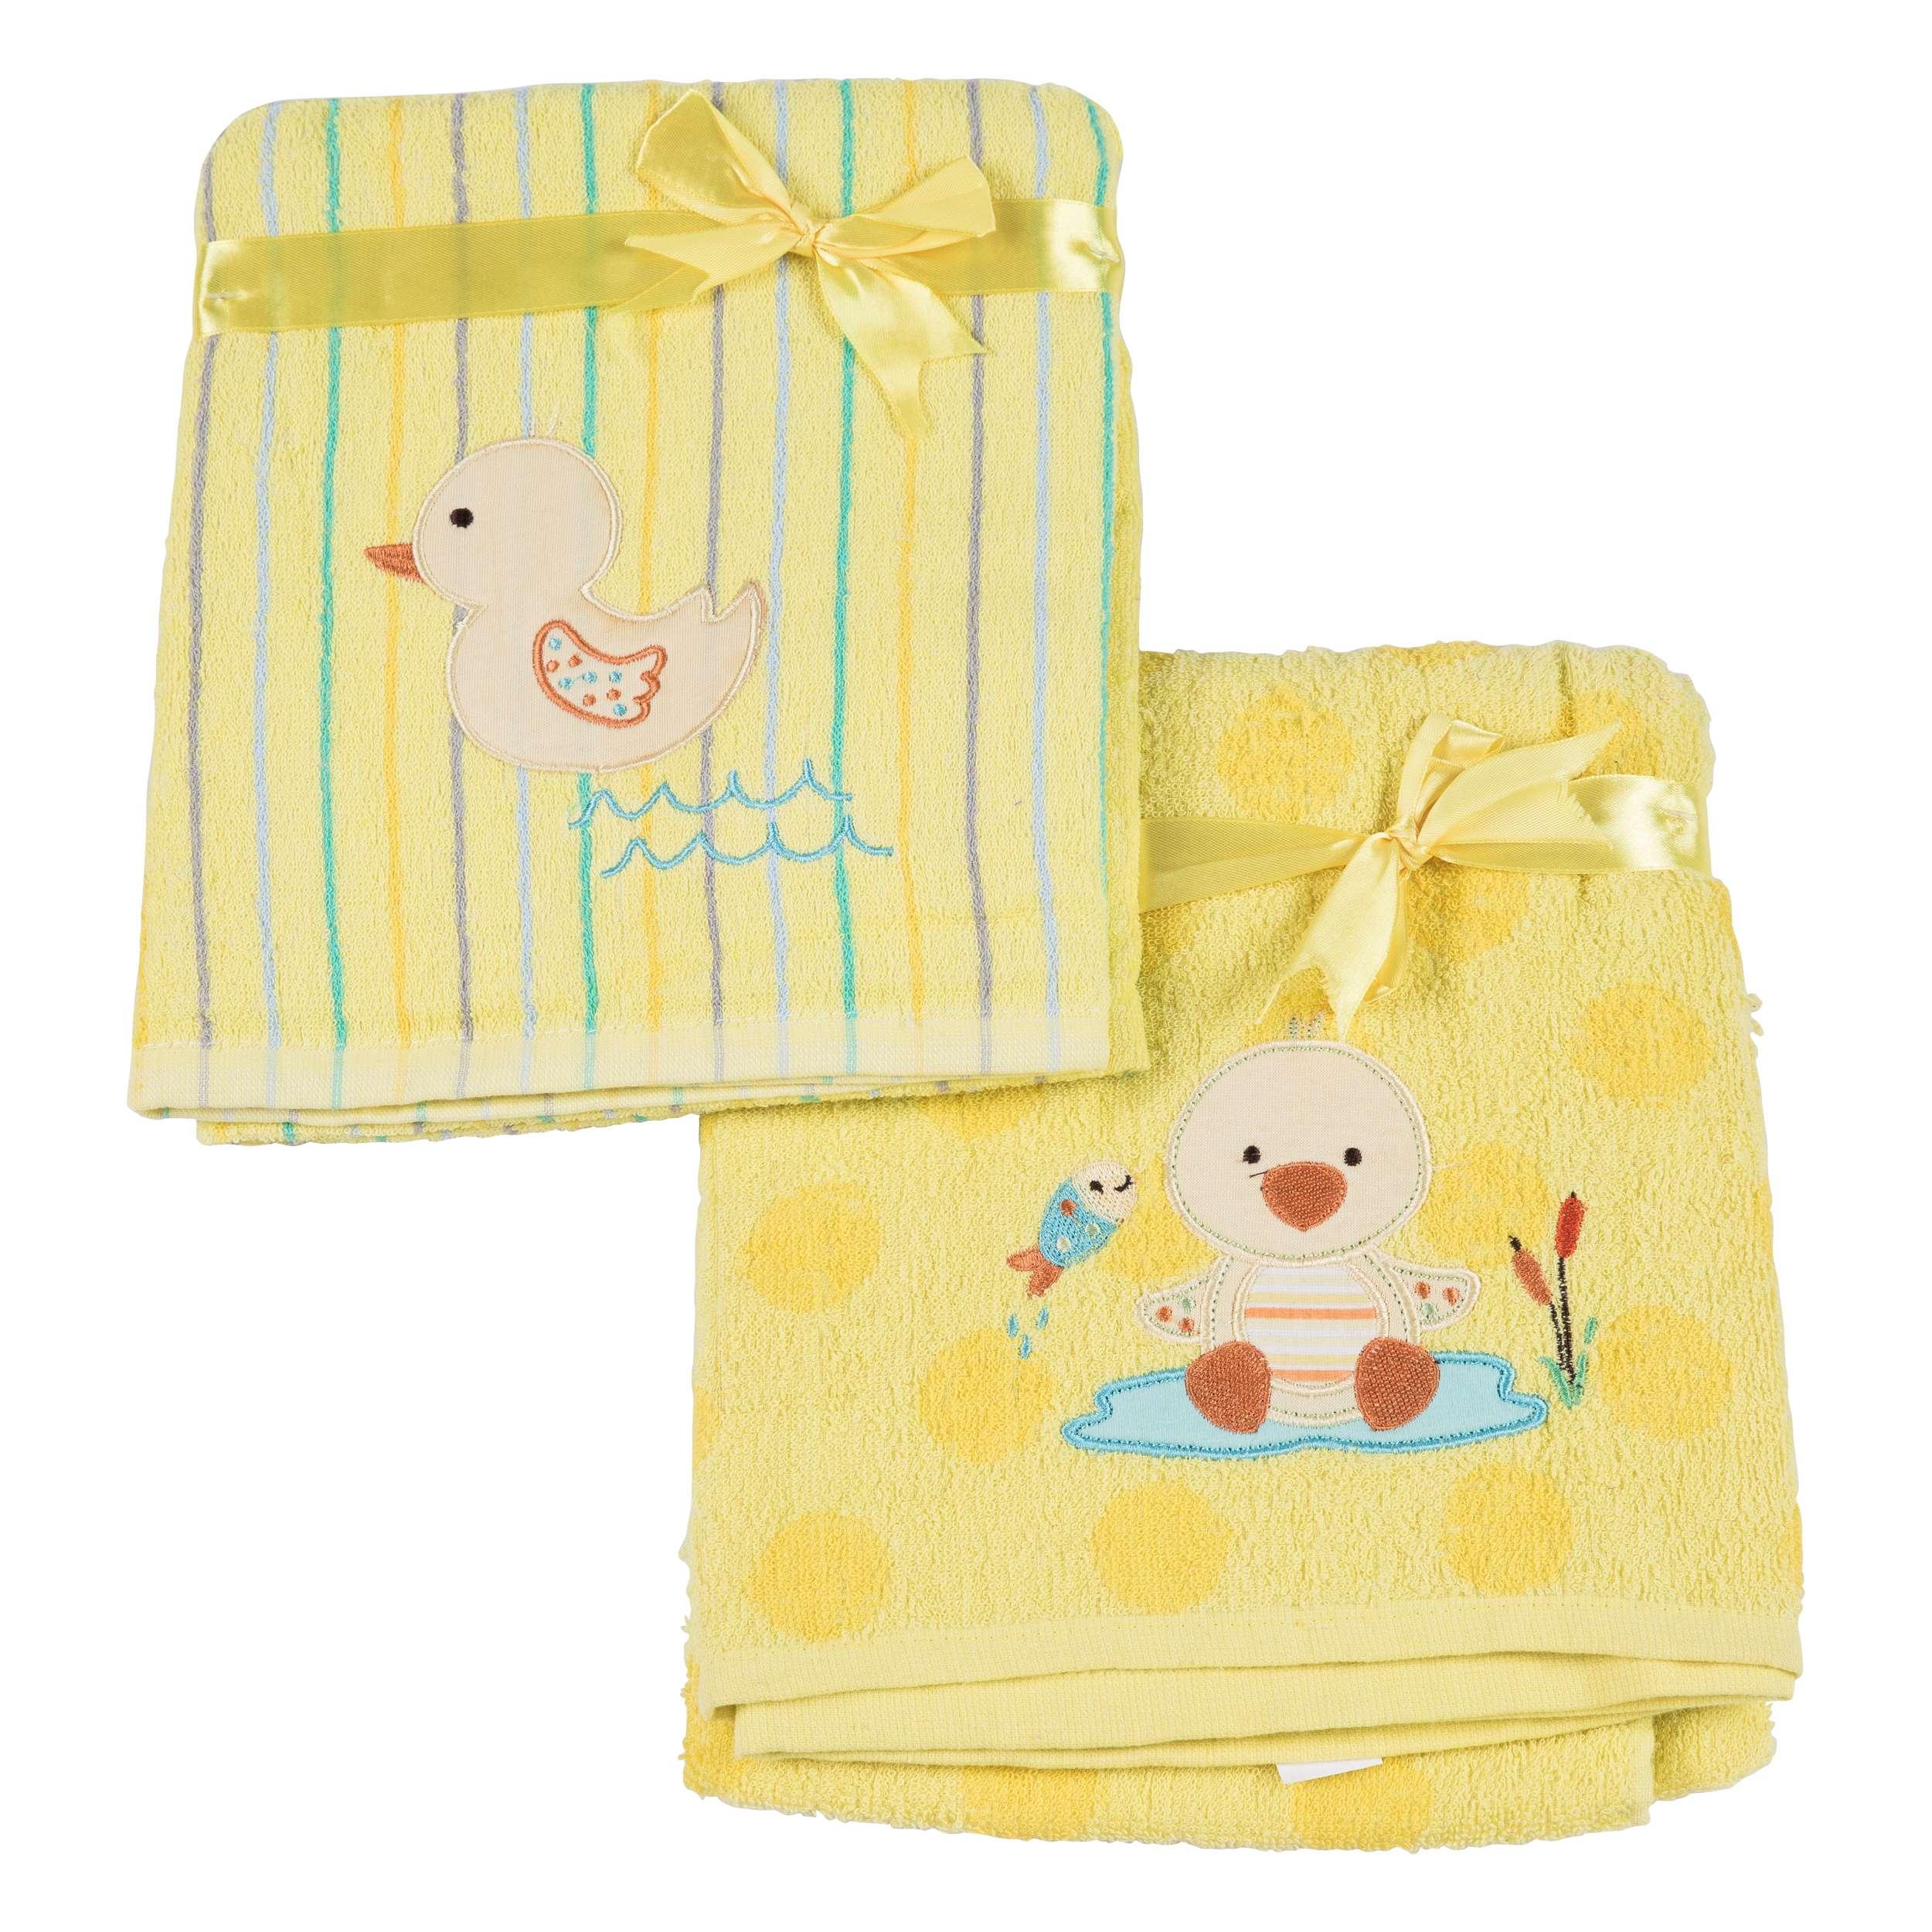 זוג מגבות פליטה לתינוק - צהוב